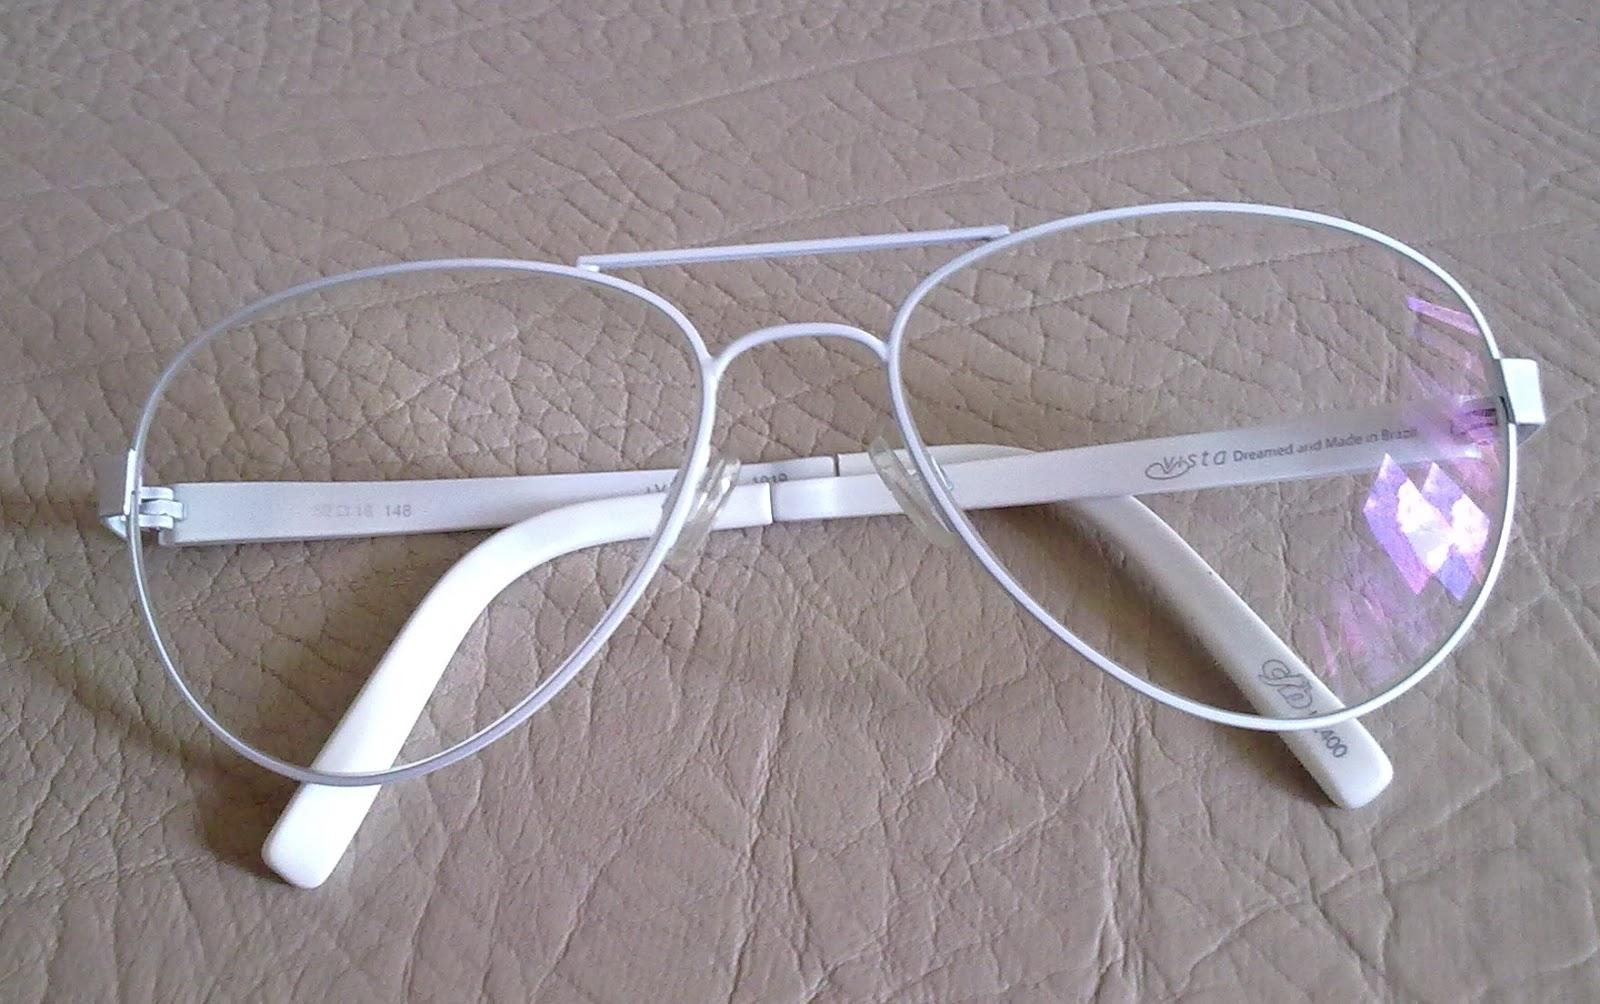 79bfc42b2 Um mês antes do exame, fui procurar algum óculos de grau que fosse bem  diferente e resolvi ir na Chilli Beans já me apaixonei por esse óculos de  grau: